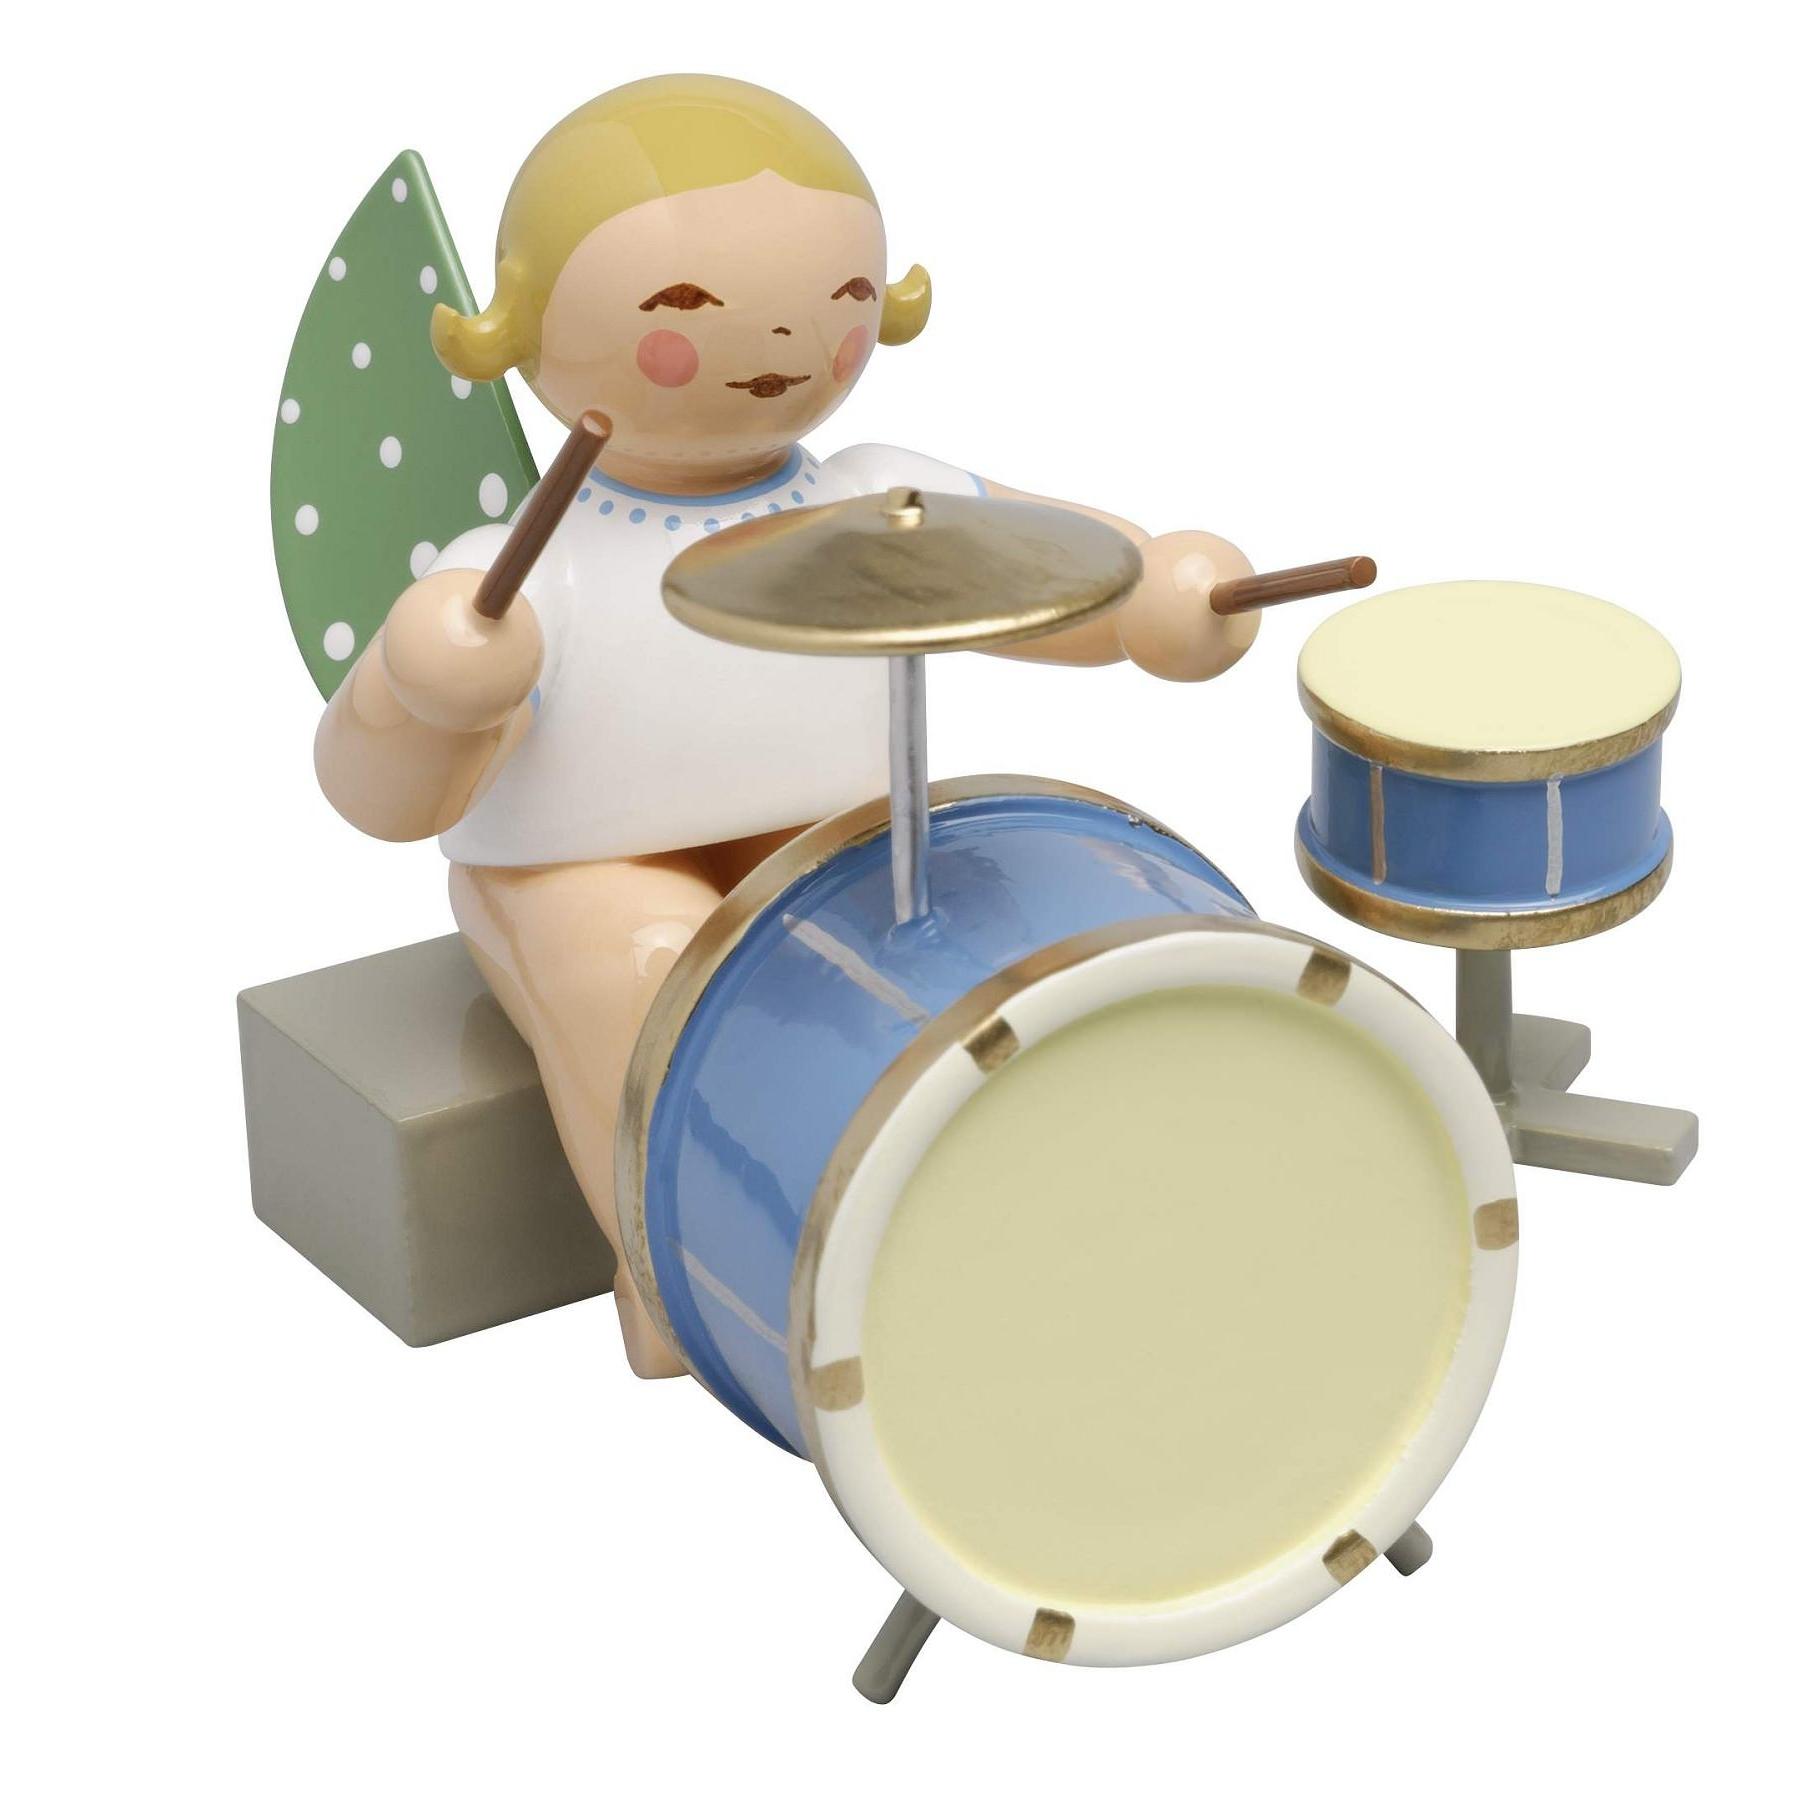 Engel mit zweiteiligem Schlagzeug, blondes Haar